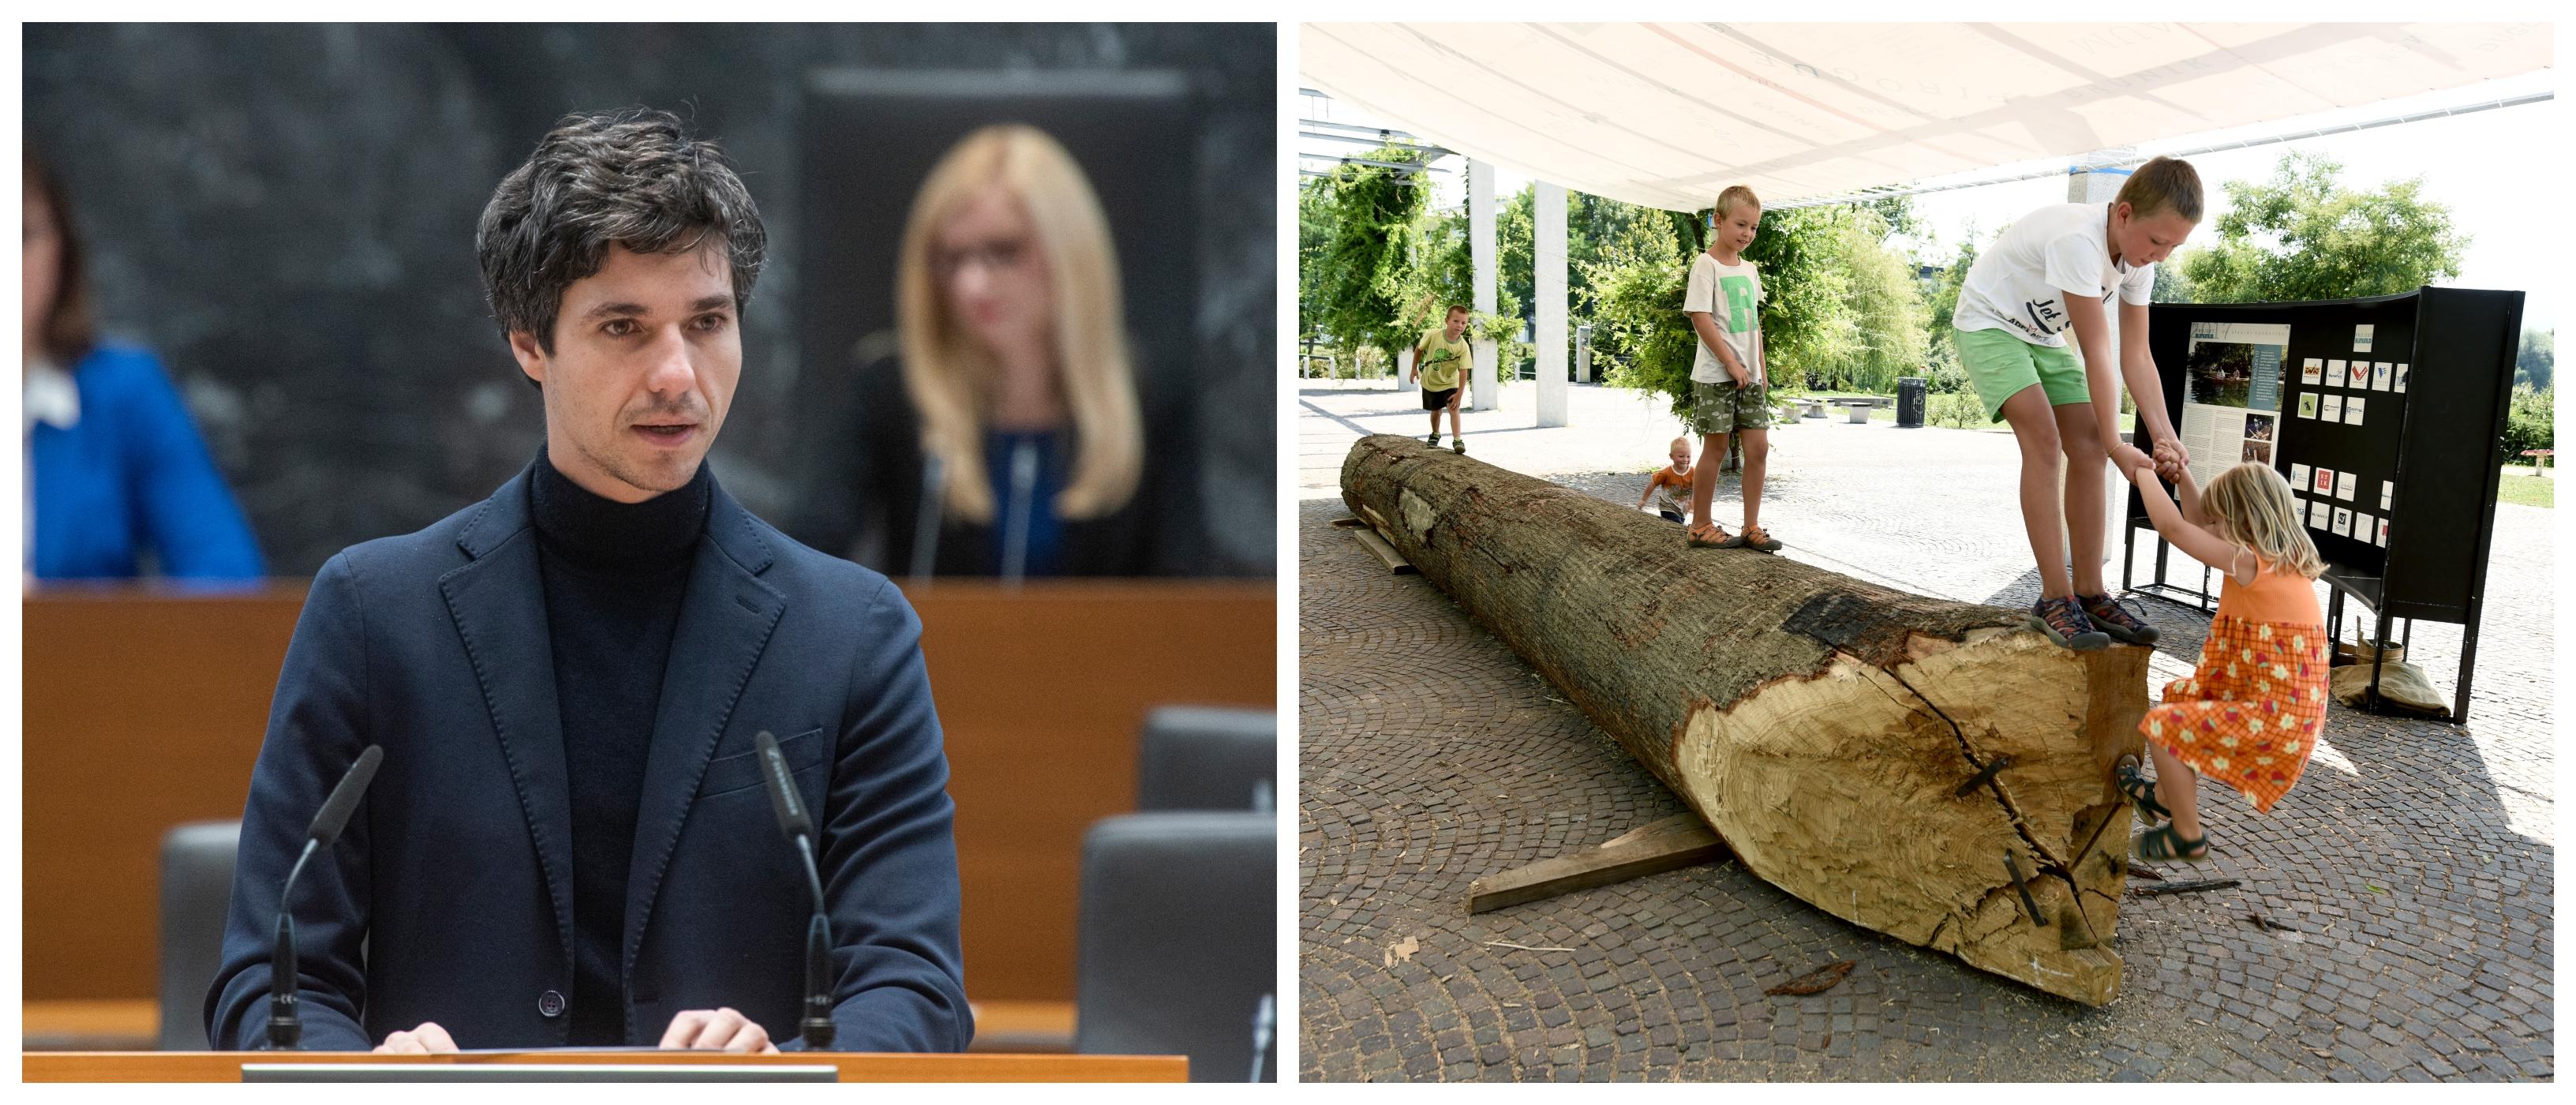 Luka Mesec je s svojim predlogom povišanje minimalne plače nekaterim slovenskim družinam znižal otroške dodatke in jim povišal cene vrtcev. (Foto: STA)